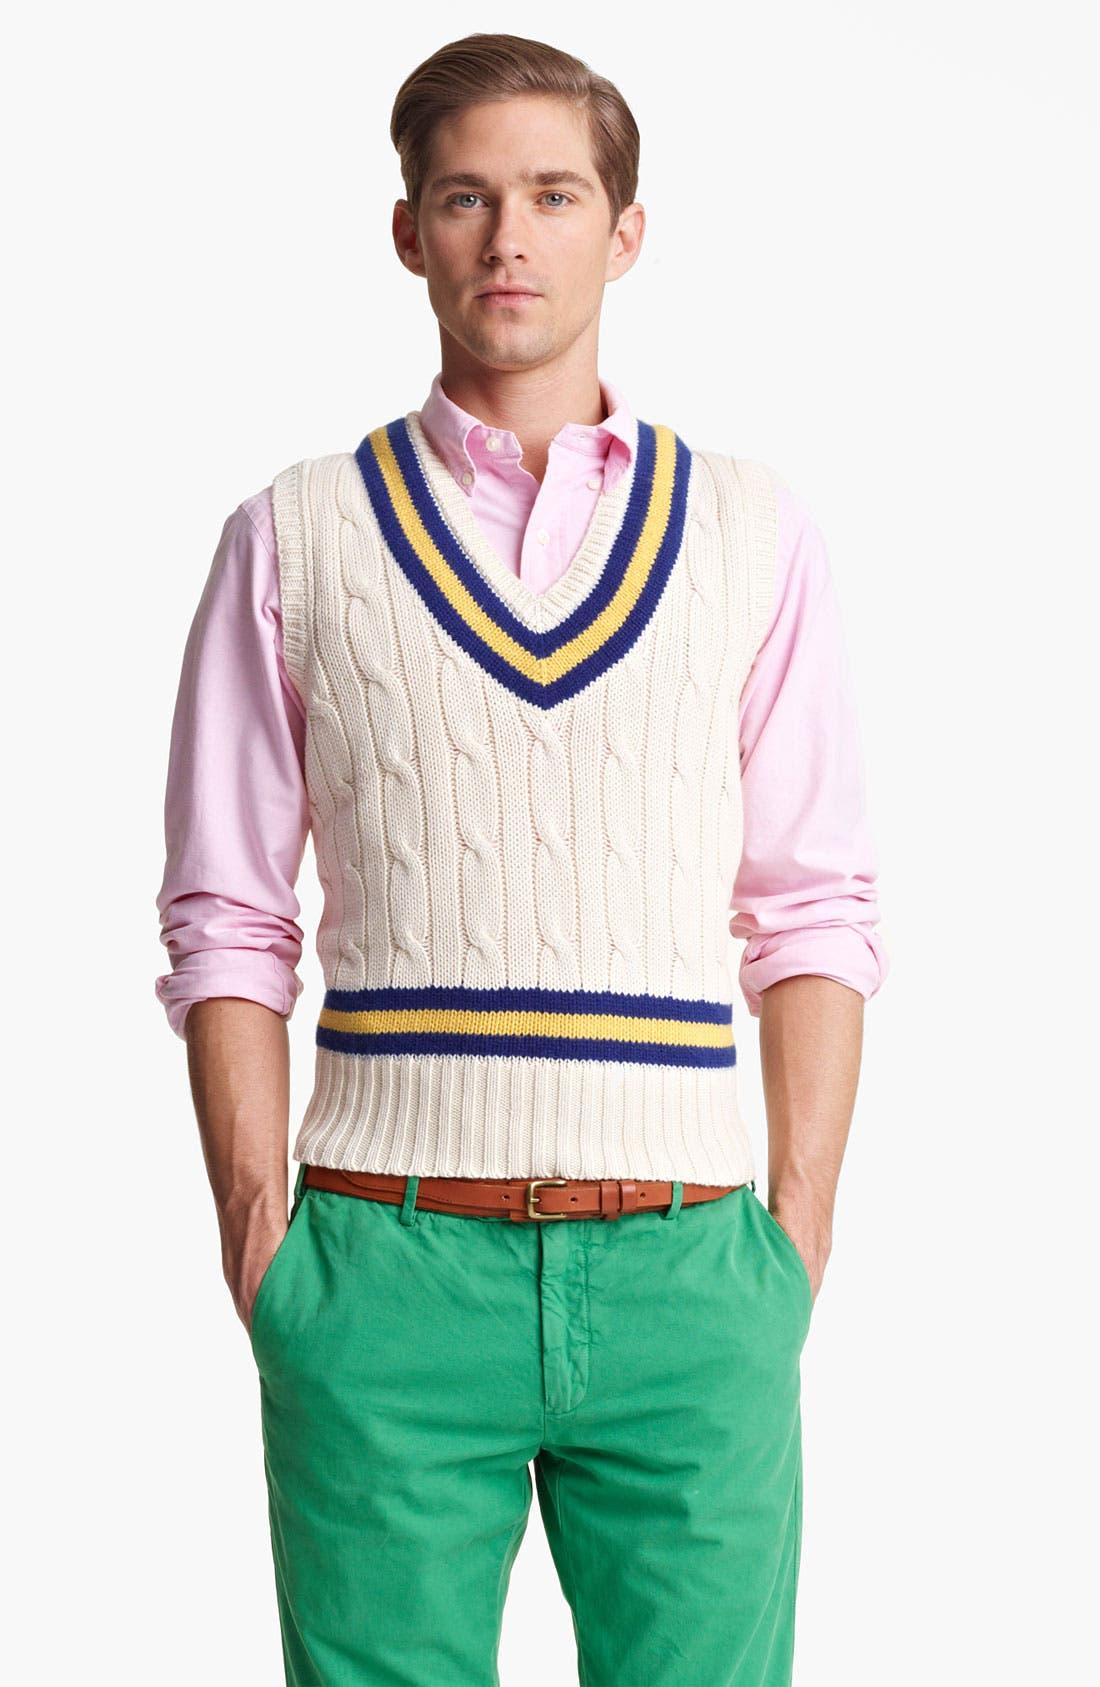 Main Image - Polo Ralph Lauren V-Neck Sweater Vest